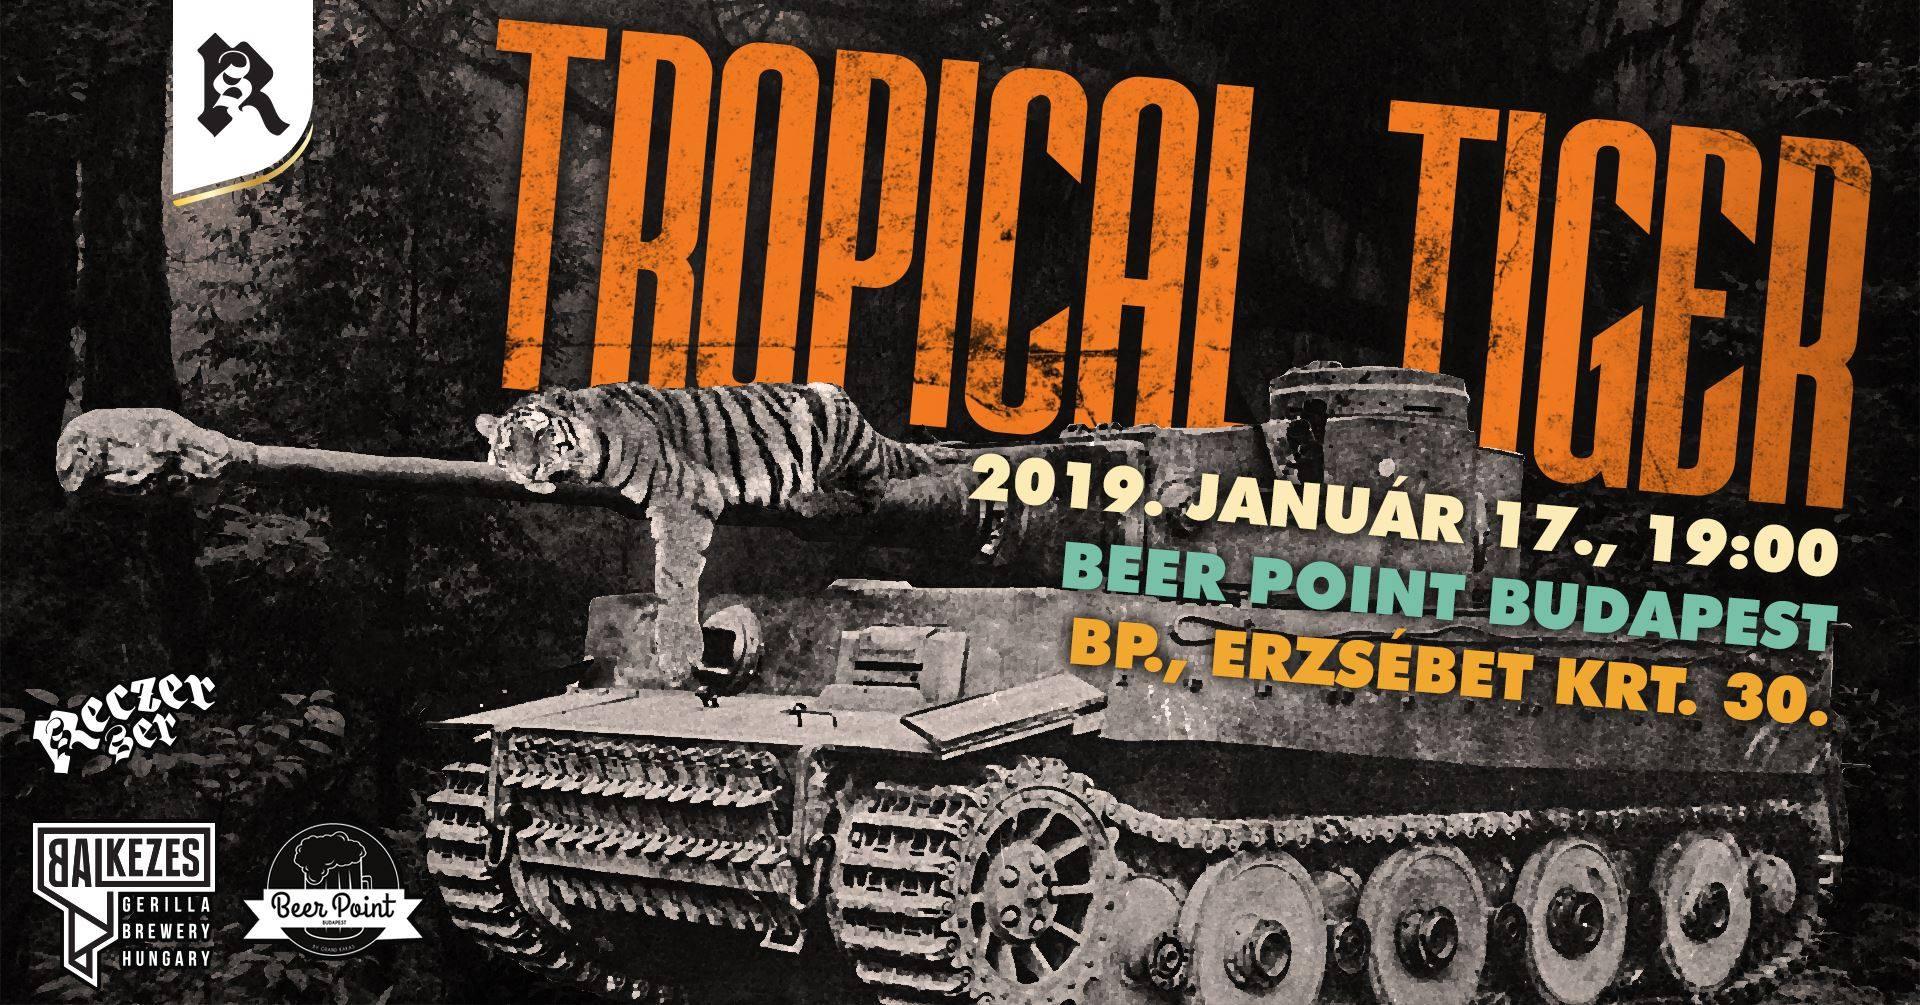 tropicaltiger.jpg